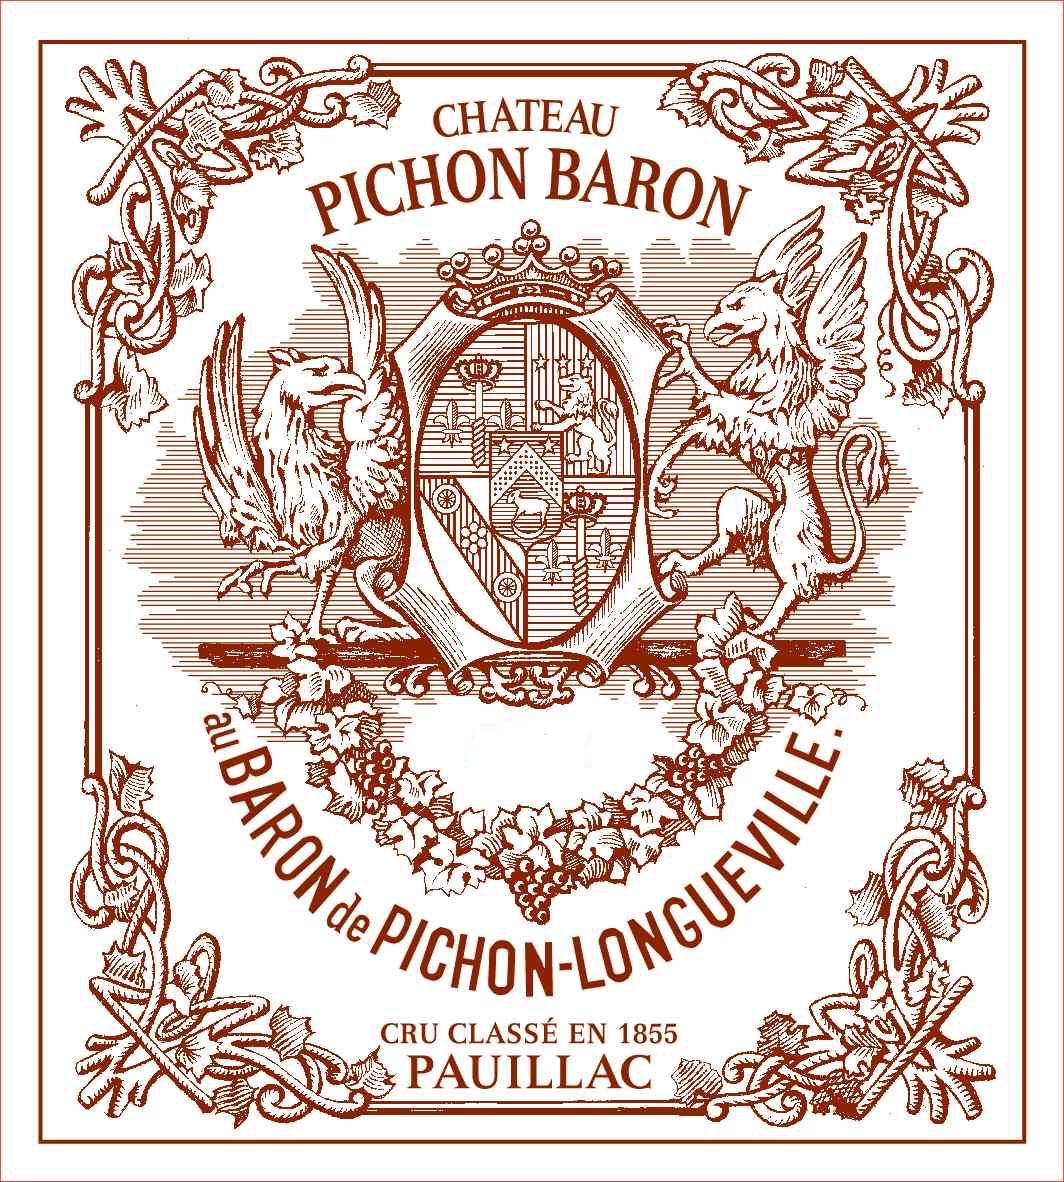 Châteaux Pichon-Longueville - Baron Pichon Longueville